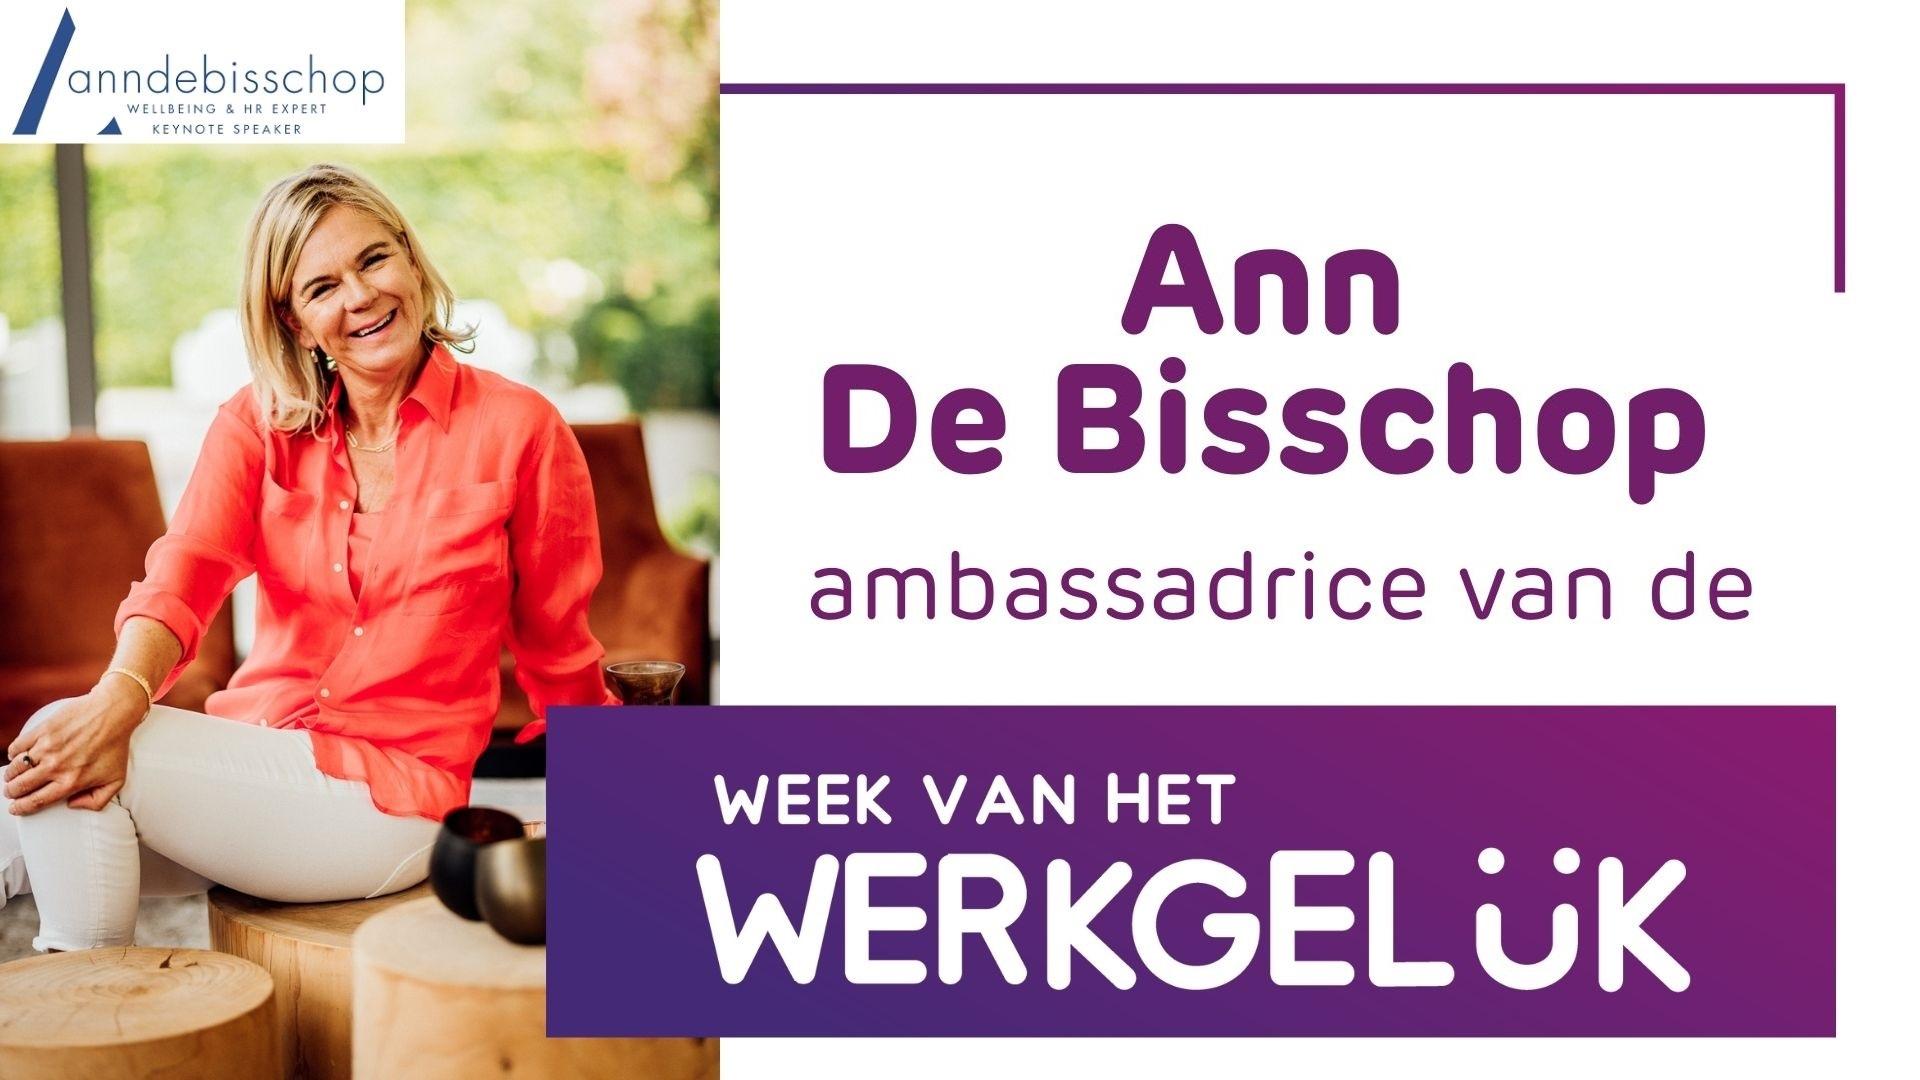 Ann De Bisschop Ambassadrice Week van het Werkgeluk